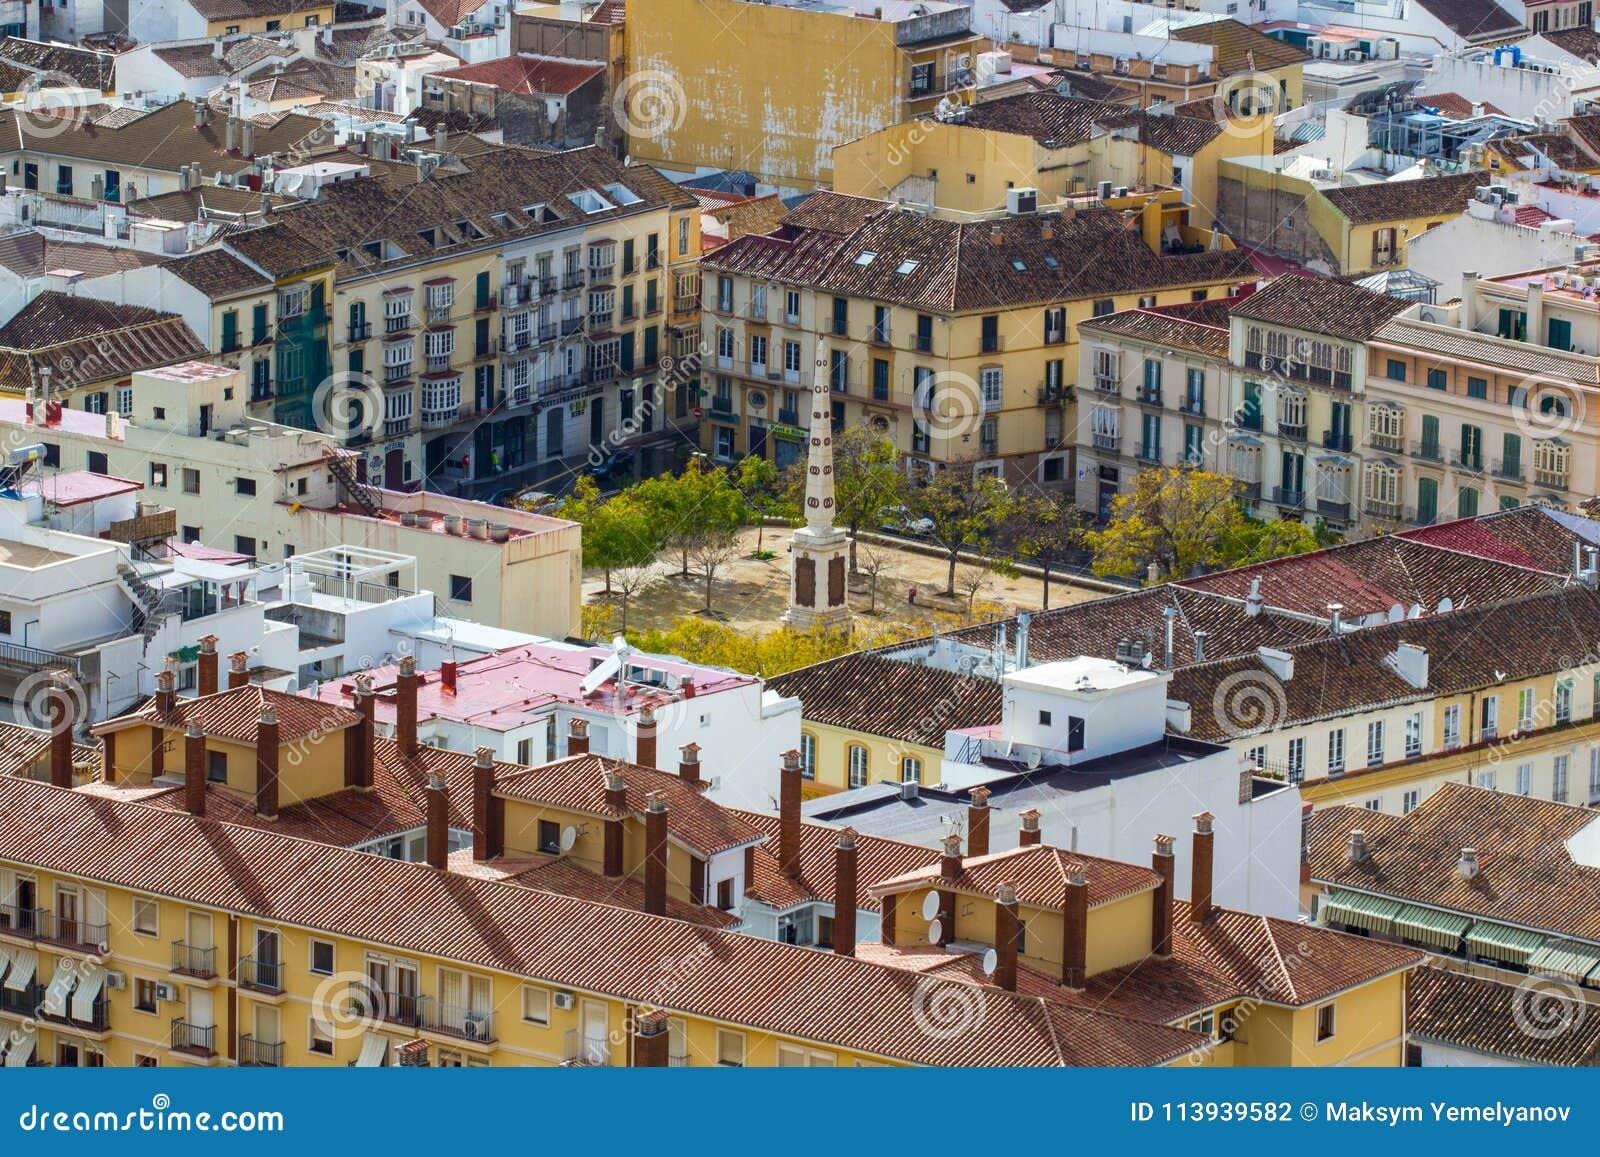 Plaza De Merced Merced Square In Malaga Andalucia Spain Vie